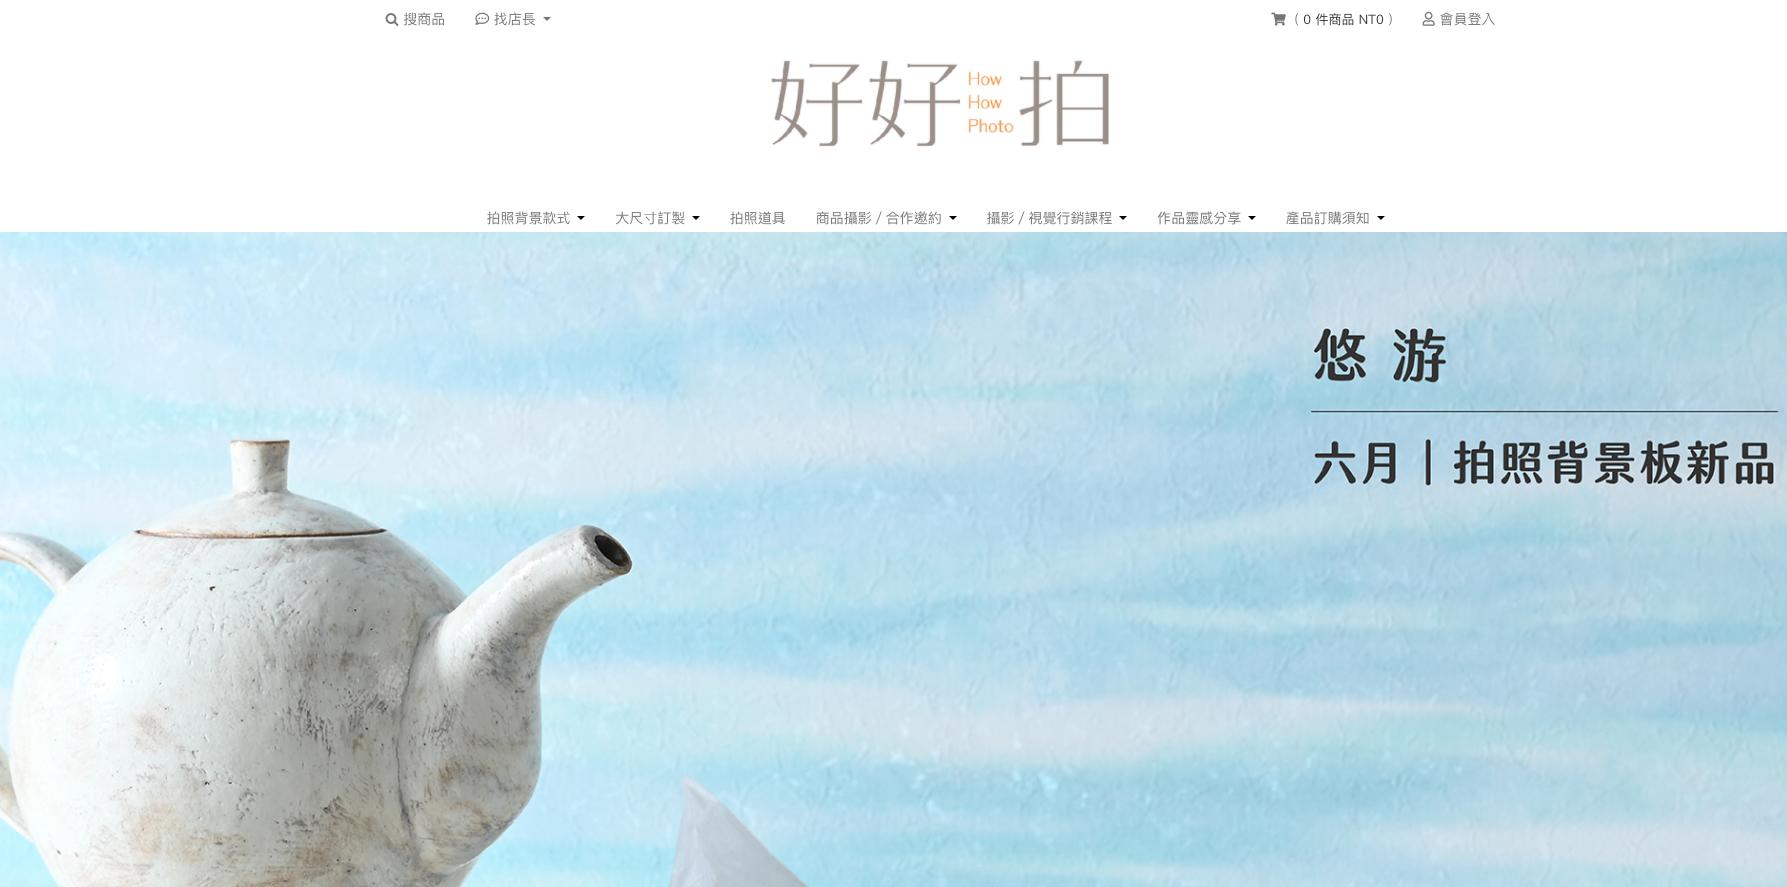 好好拍HowHowPhoto|麥仔攝影小物大公開,有了這塊背板怎麼拍都好看~ 台灣最大攝影背景板專家,拍照道具推薦、拍照小物、拍照神器推薦